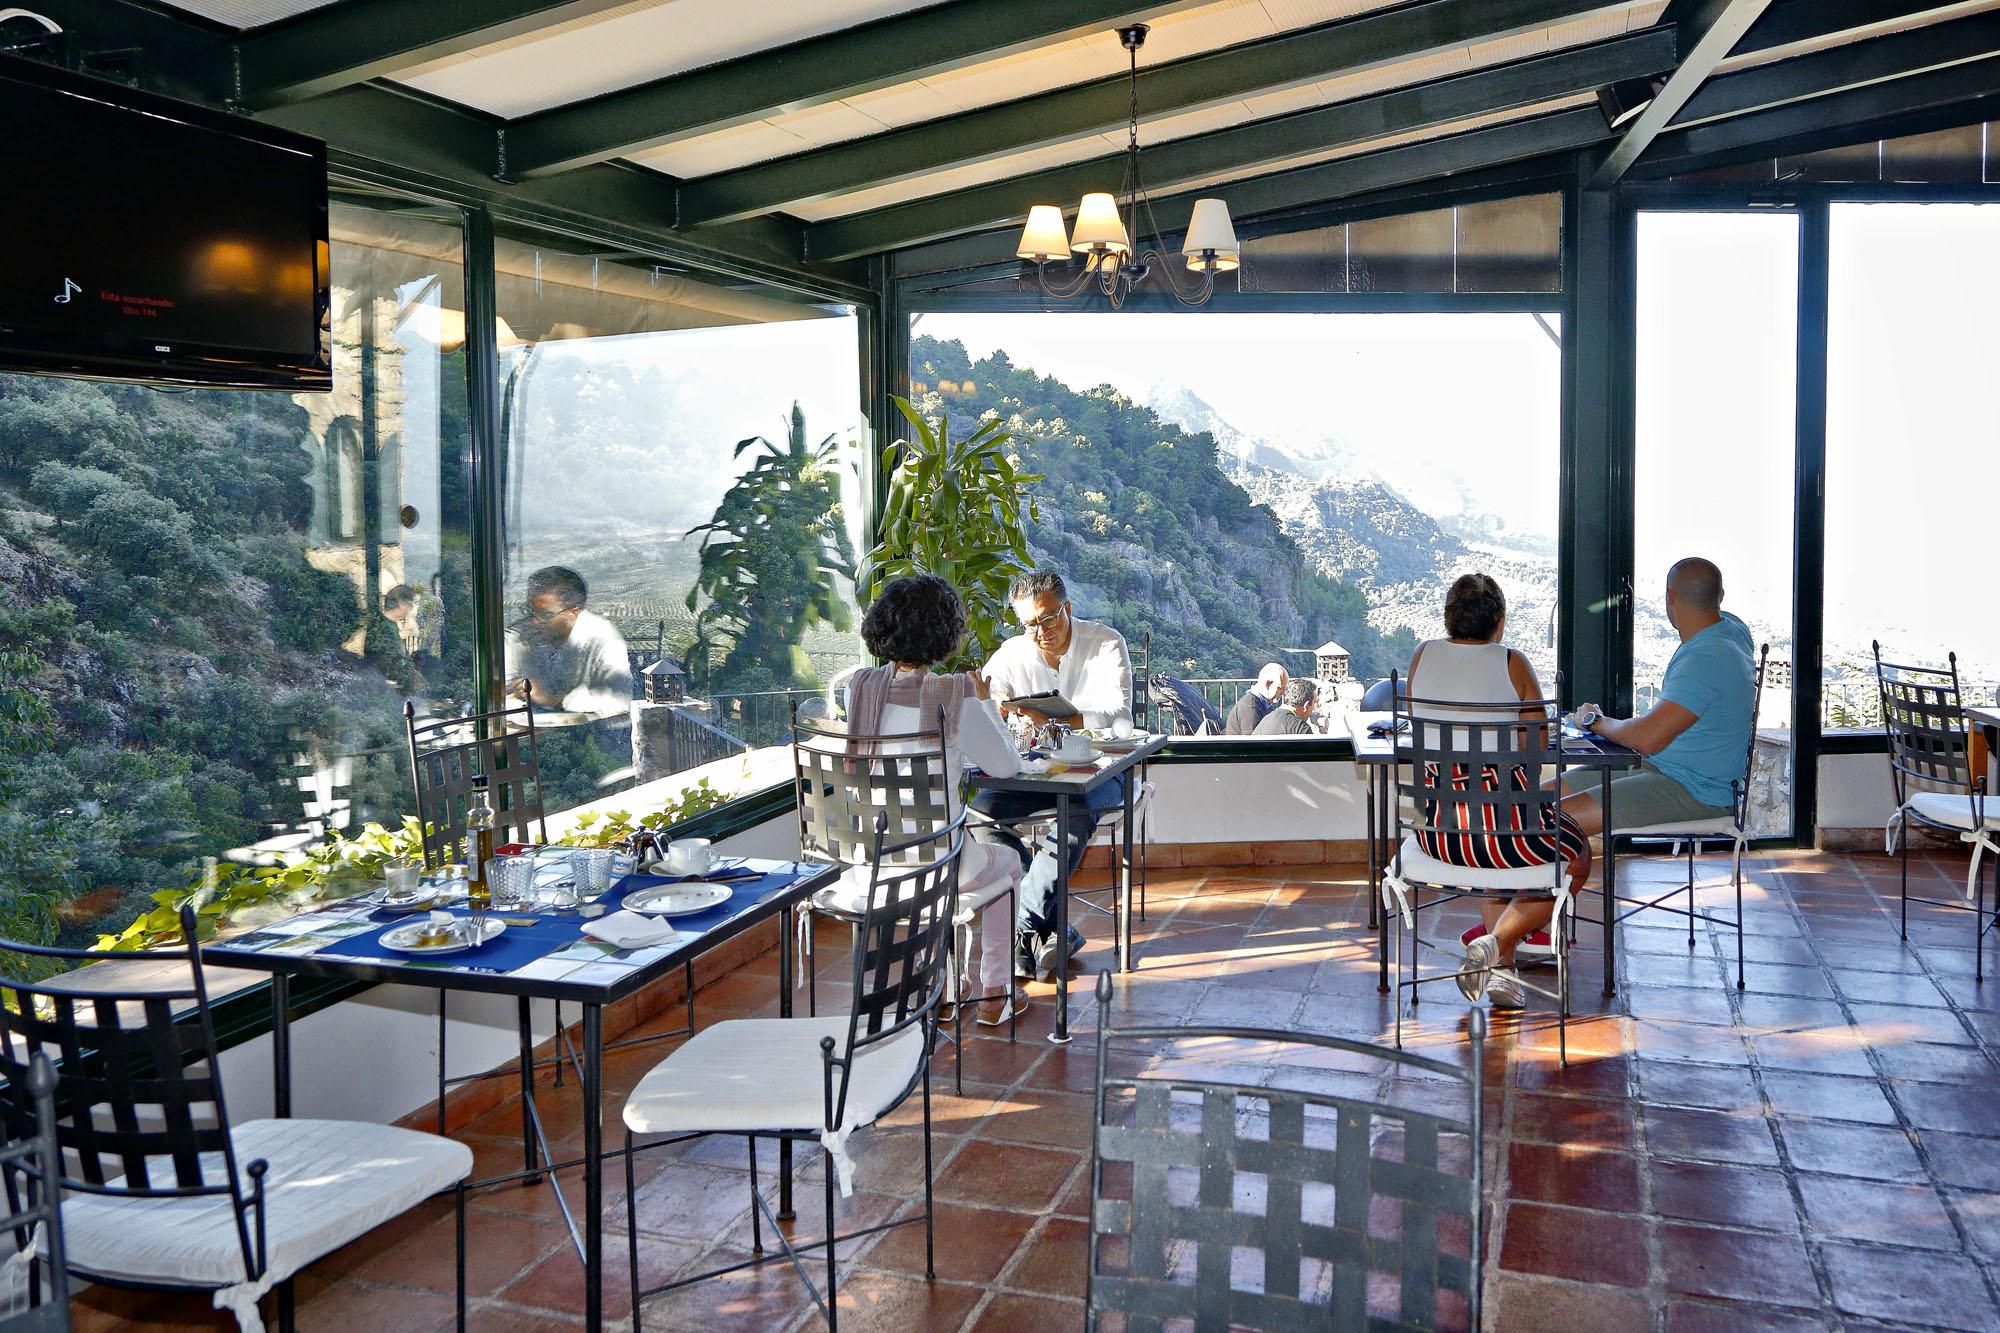 Las cristaleras del restaurante permiten seguir disfrutando de las vistas.